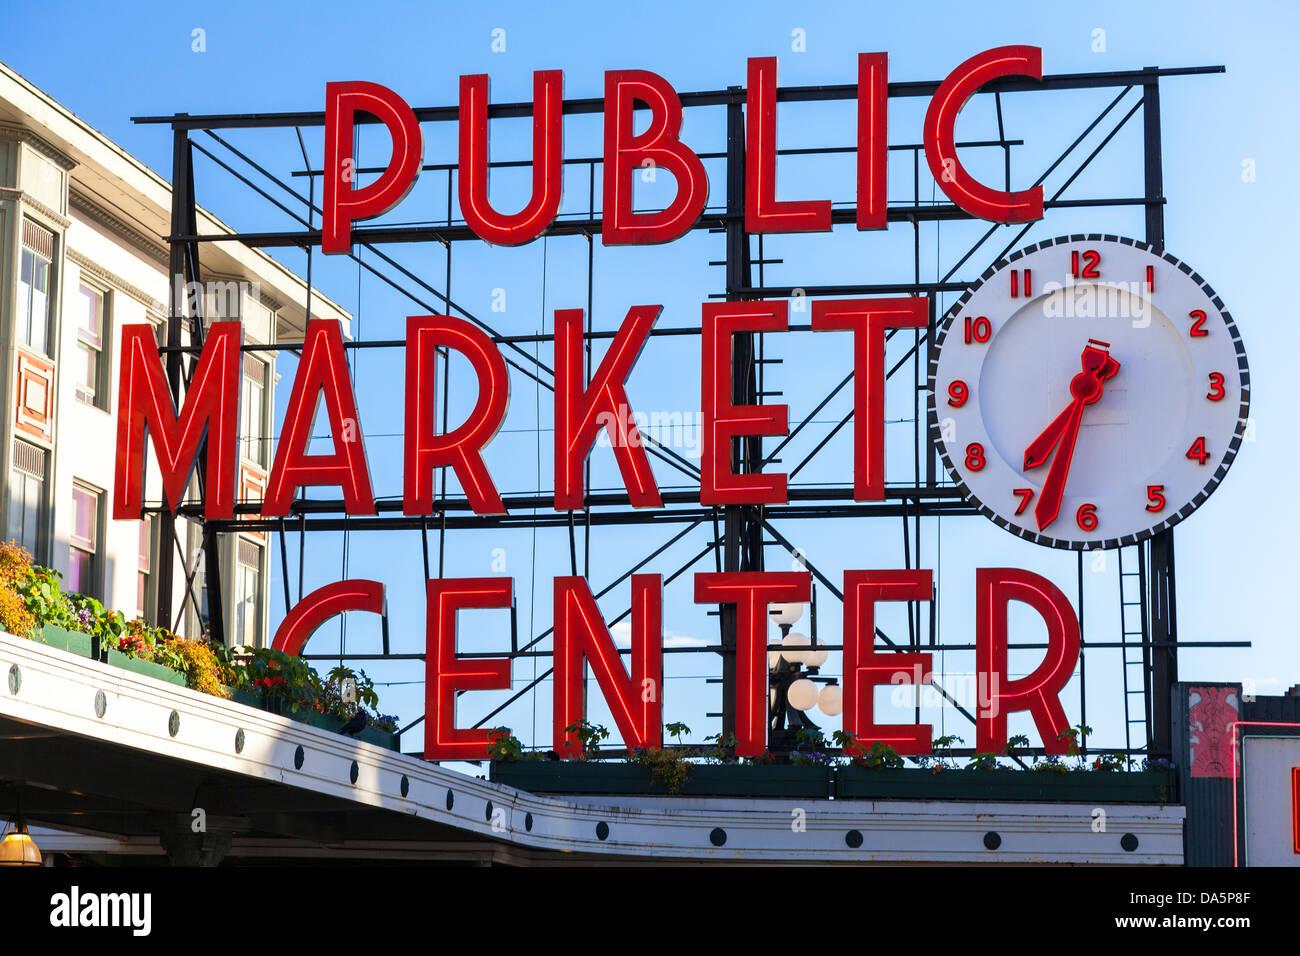 Seattle Public Market Center Zeichen, Pike Place Market, Seattle WA, Vereinigte Staaten Stockfoto